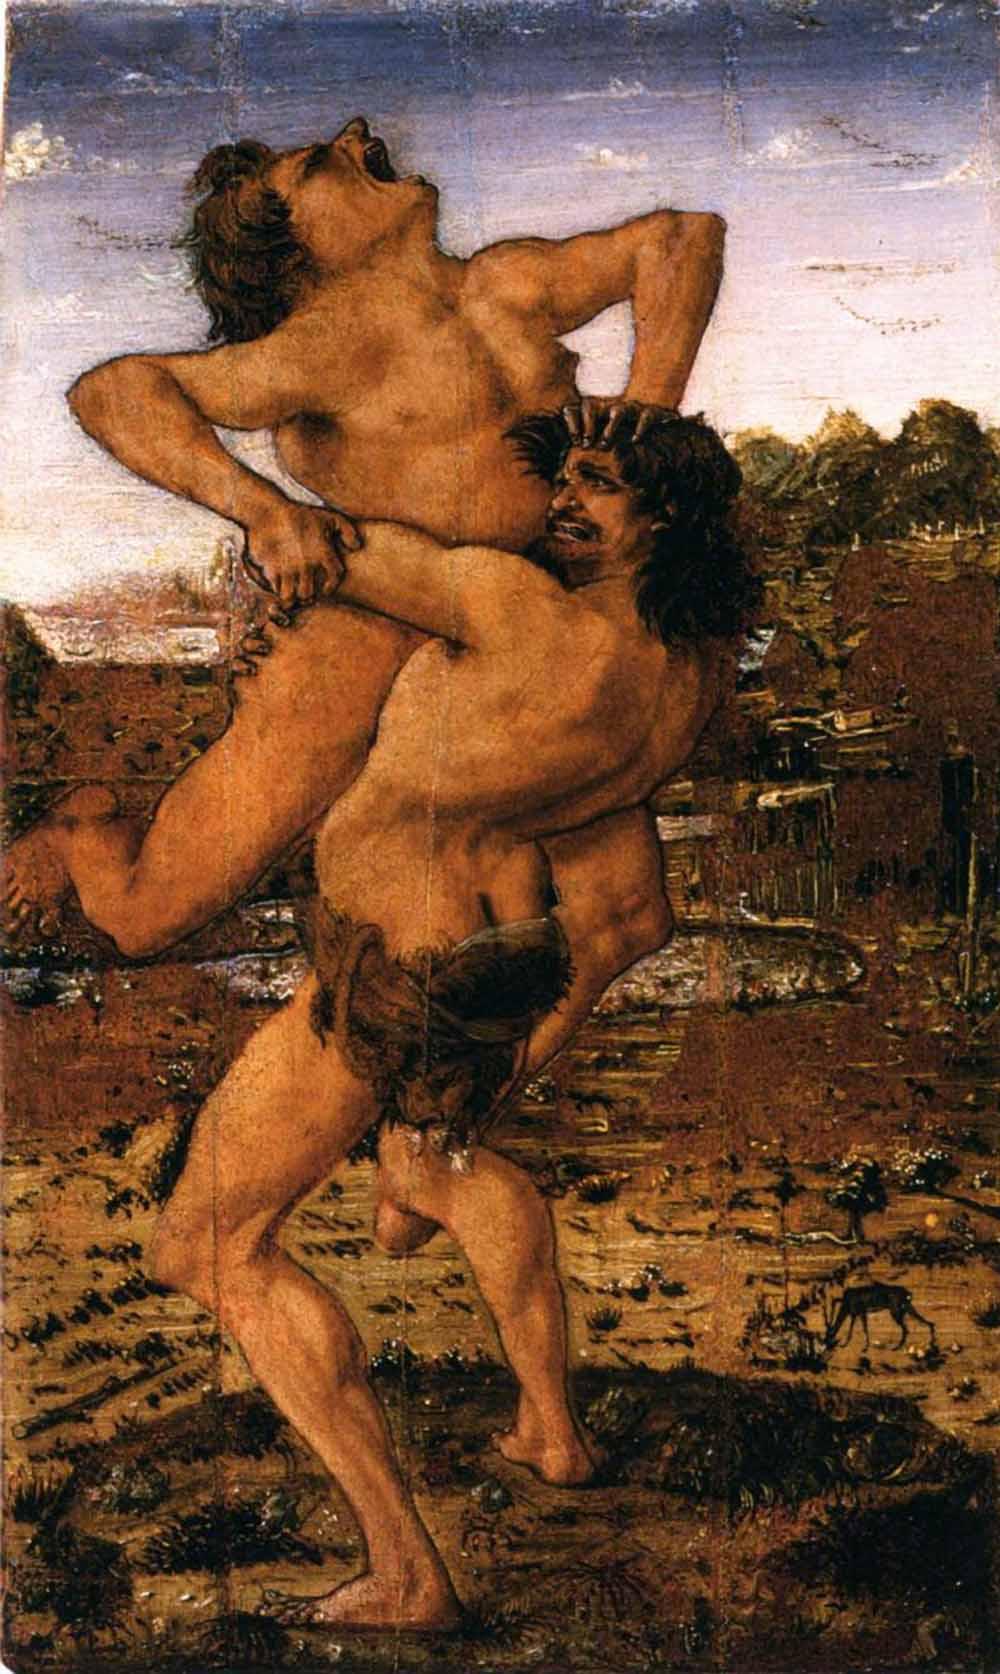 Hercules lifting Antaeus.